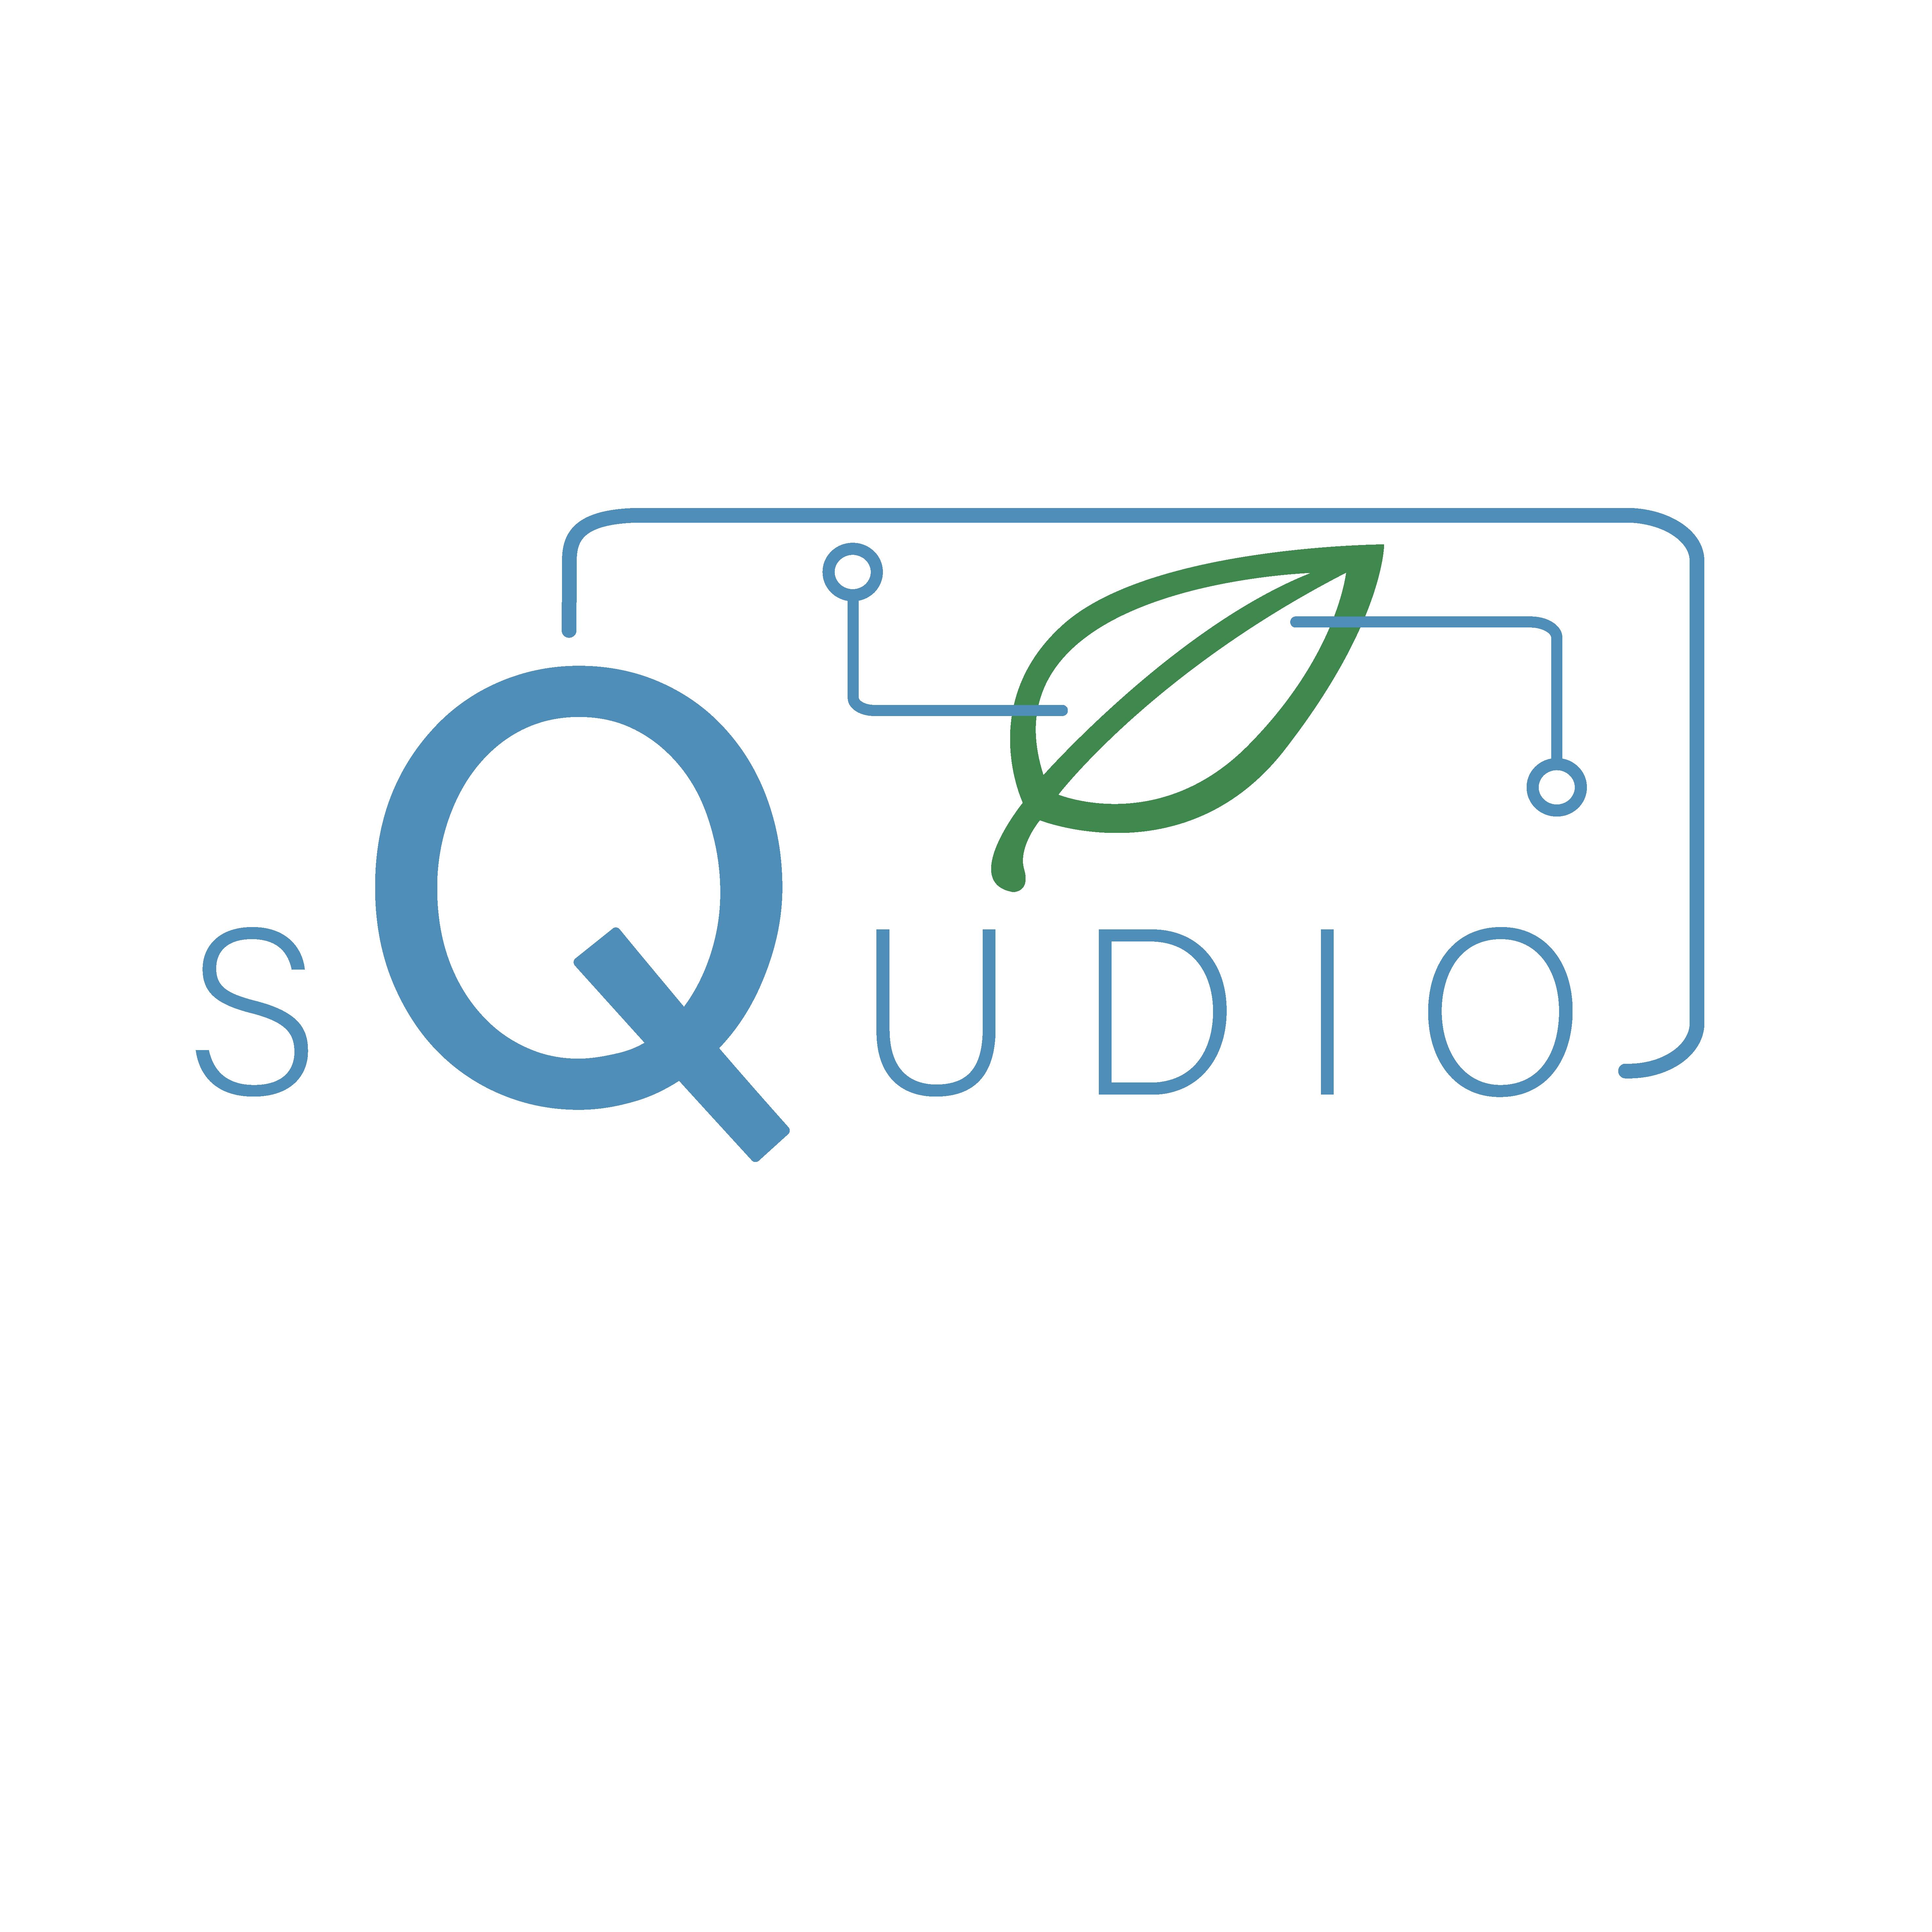 squdio-logo-laag_Tekengebied-1